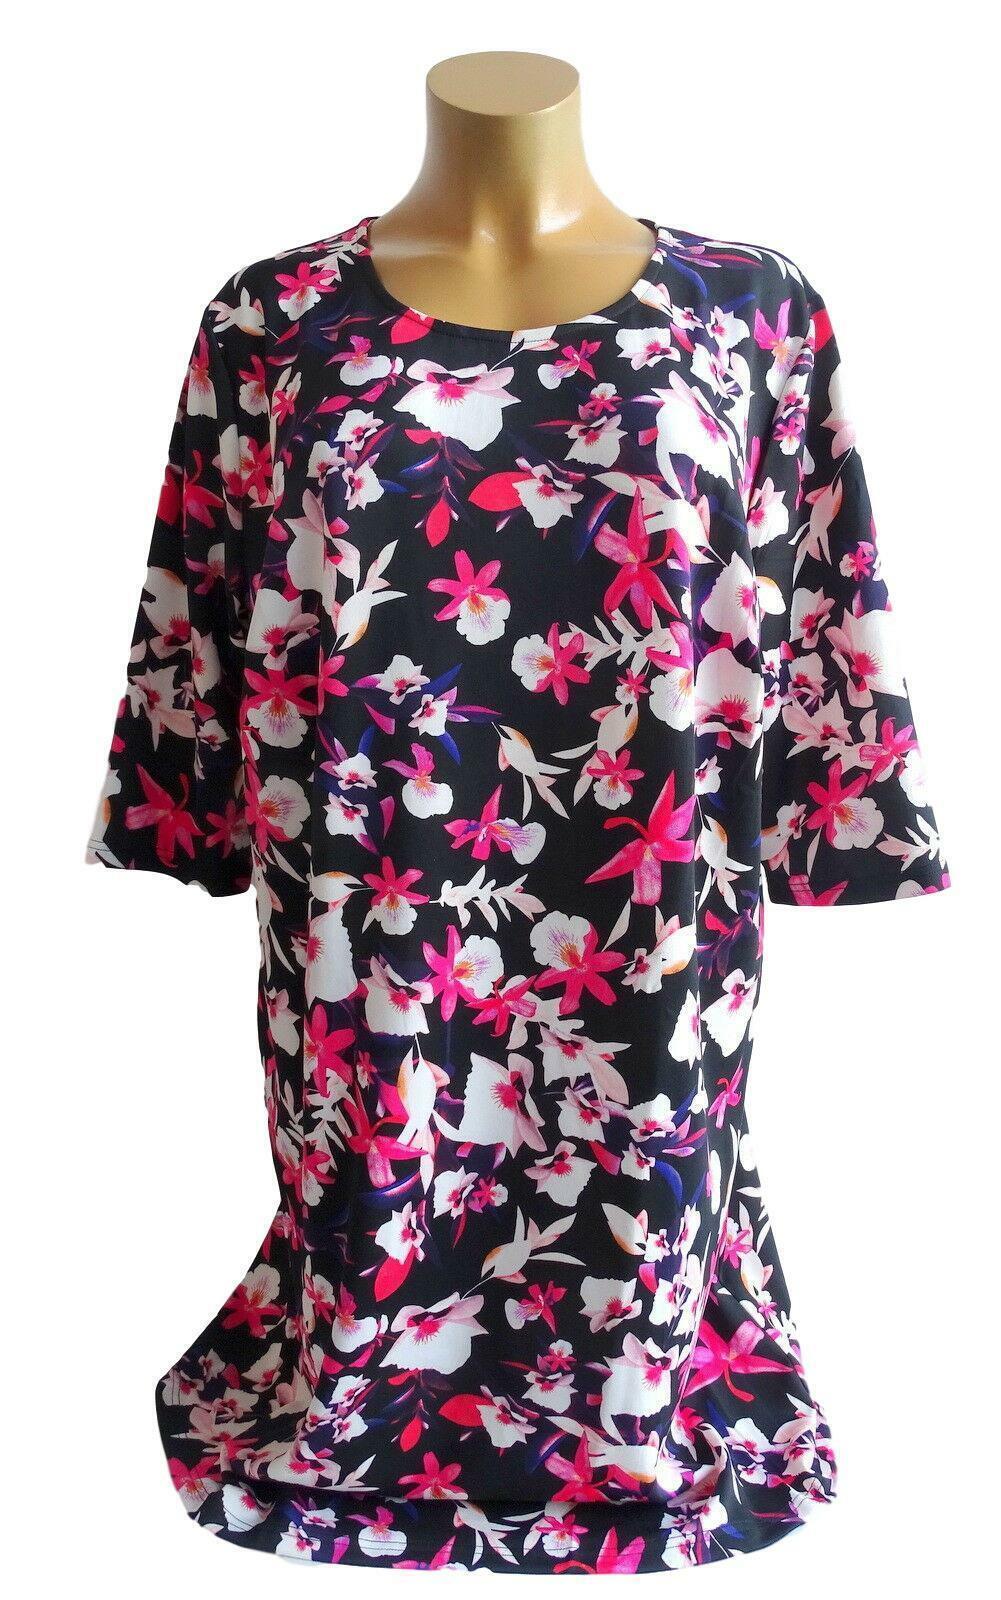 NEU Übergröße schickes Damen Stretch Jersey Kleid Blumendruck Muster Gr.56,60,62